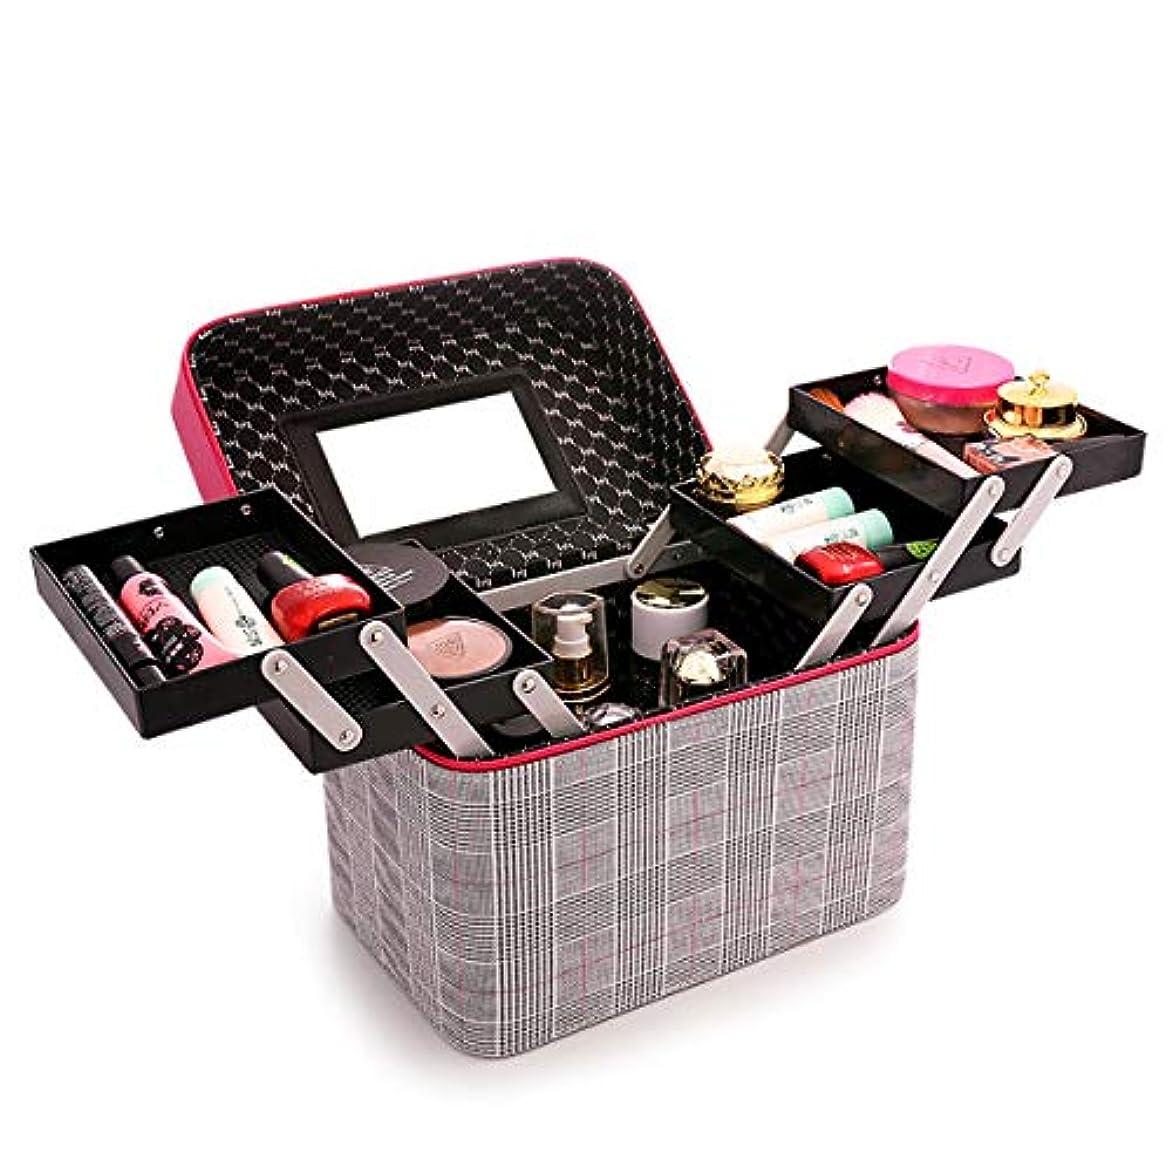 謝るストローク城化粧品収納ボックス 化粧品ケース メイクボックス メイクボックス コスメボックス 大容量 収納ケース 小物入れ 大容量 取っ手付 (レッド)